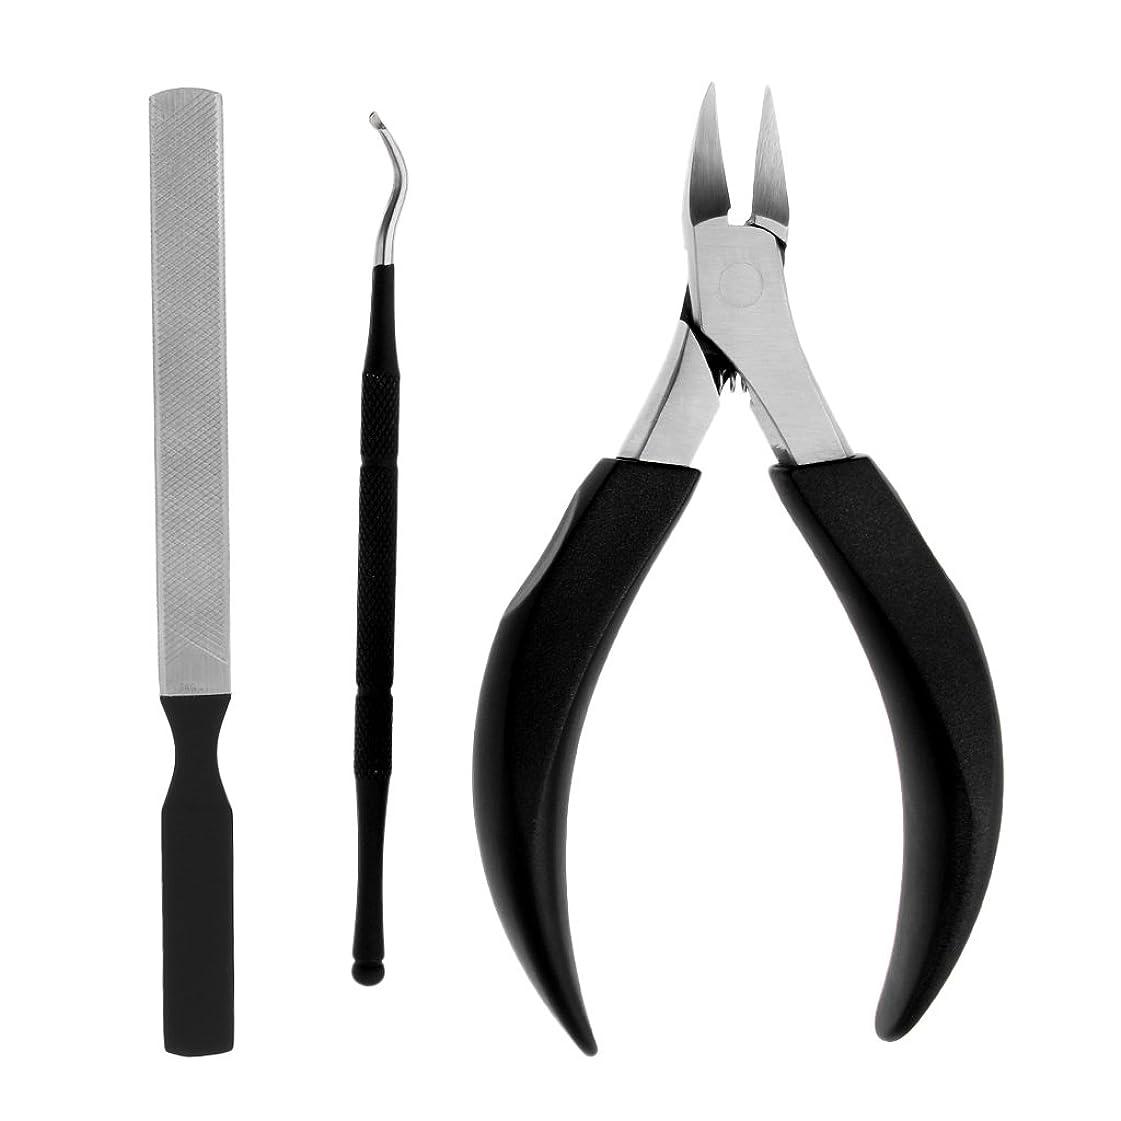 ハードウェア先のことを考える補助金DYNWAVE 厚いまたは内臓足の爪のためのキューティクルニッパーカッタープッシャーネイルクリッパーファイル - ブラック